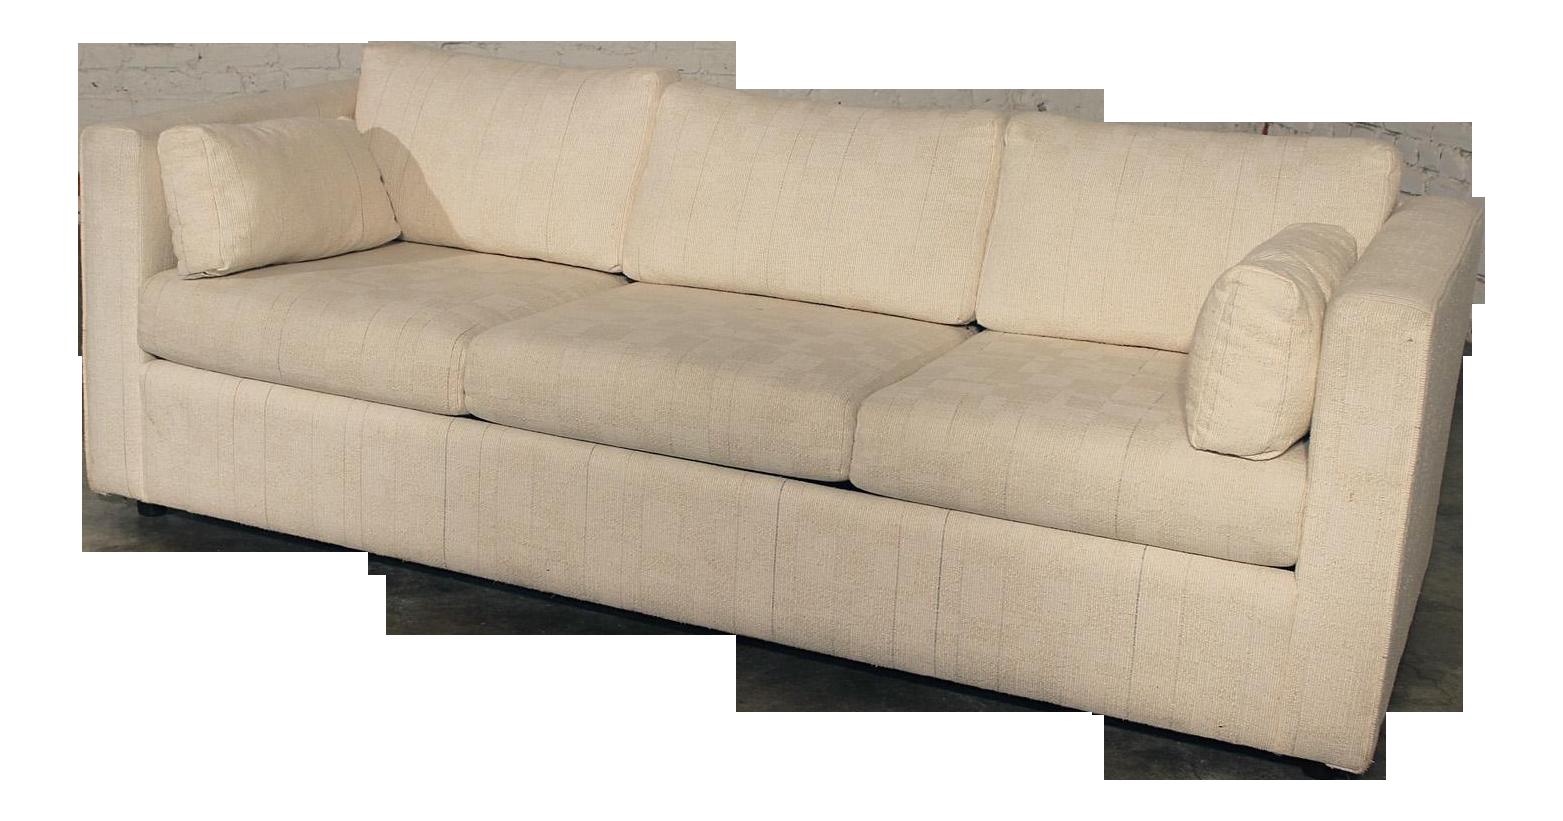 MidCentury White Tuxedo Style Sleeper Sofa on Chairish